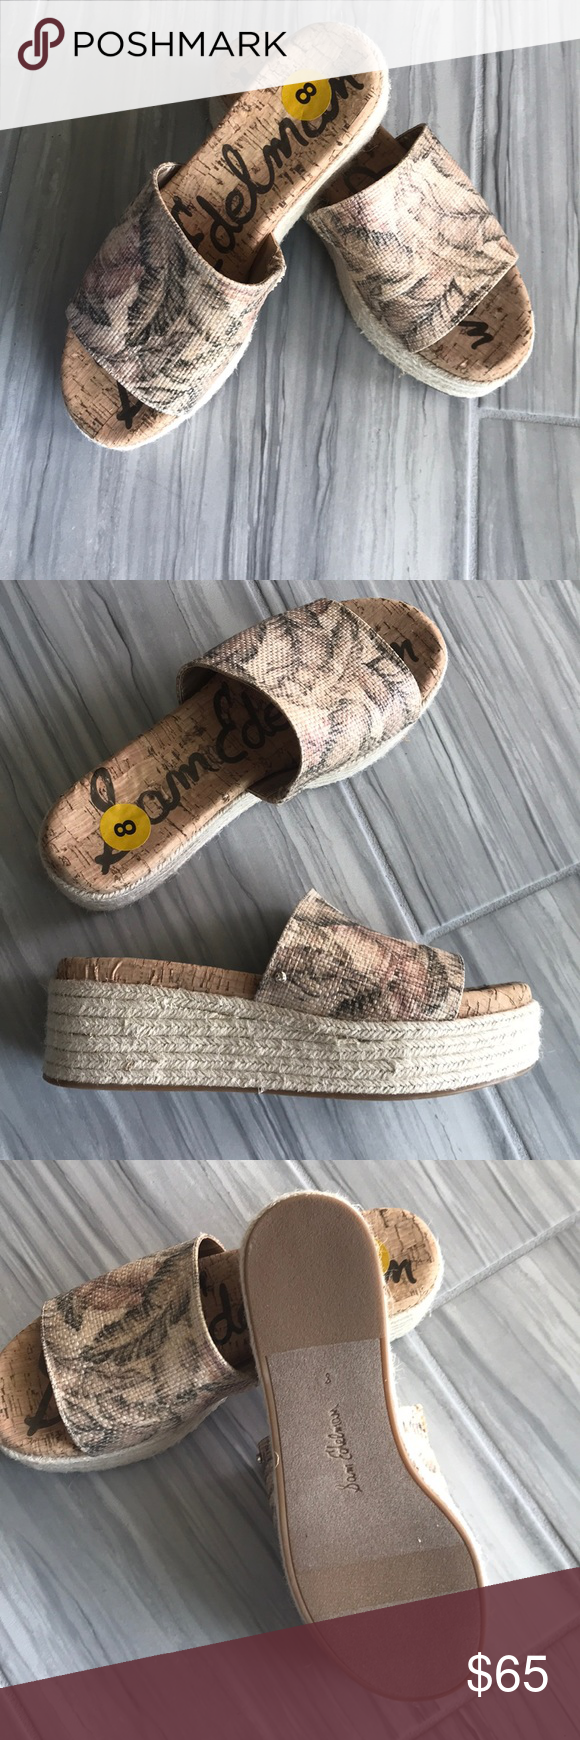 881db8a03 Women s Sam Edelman Weslee Platform Slide Sandal Brand Sam Edelman Style Sandal  Sandal style